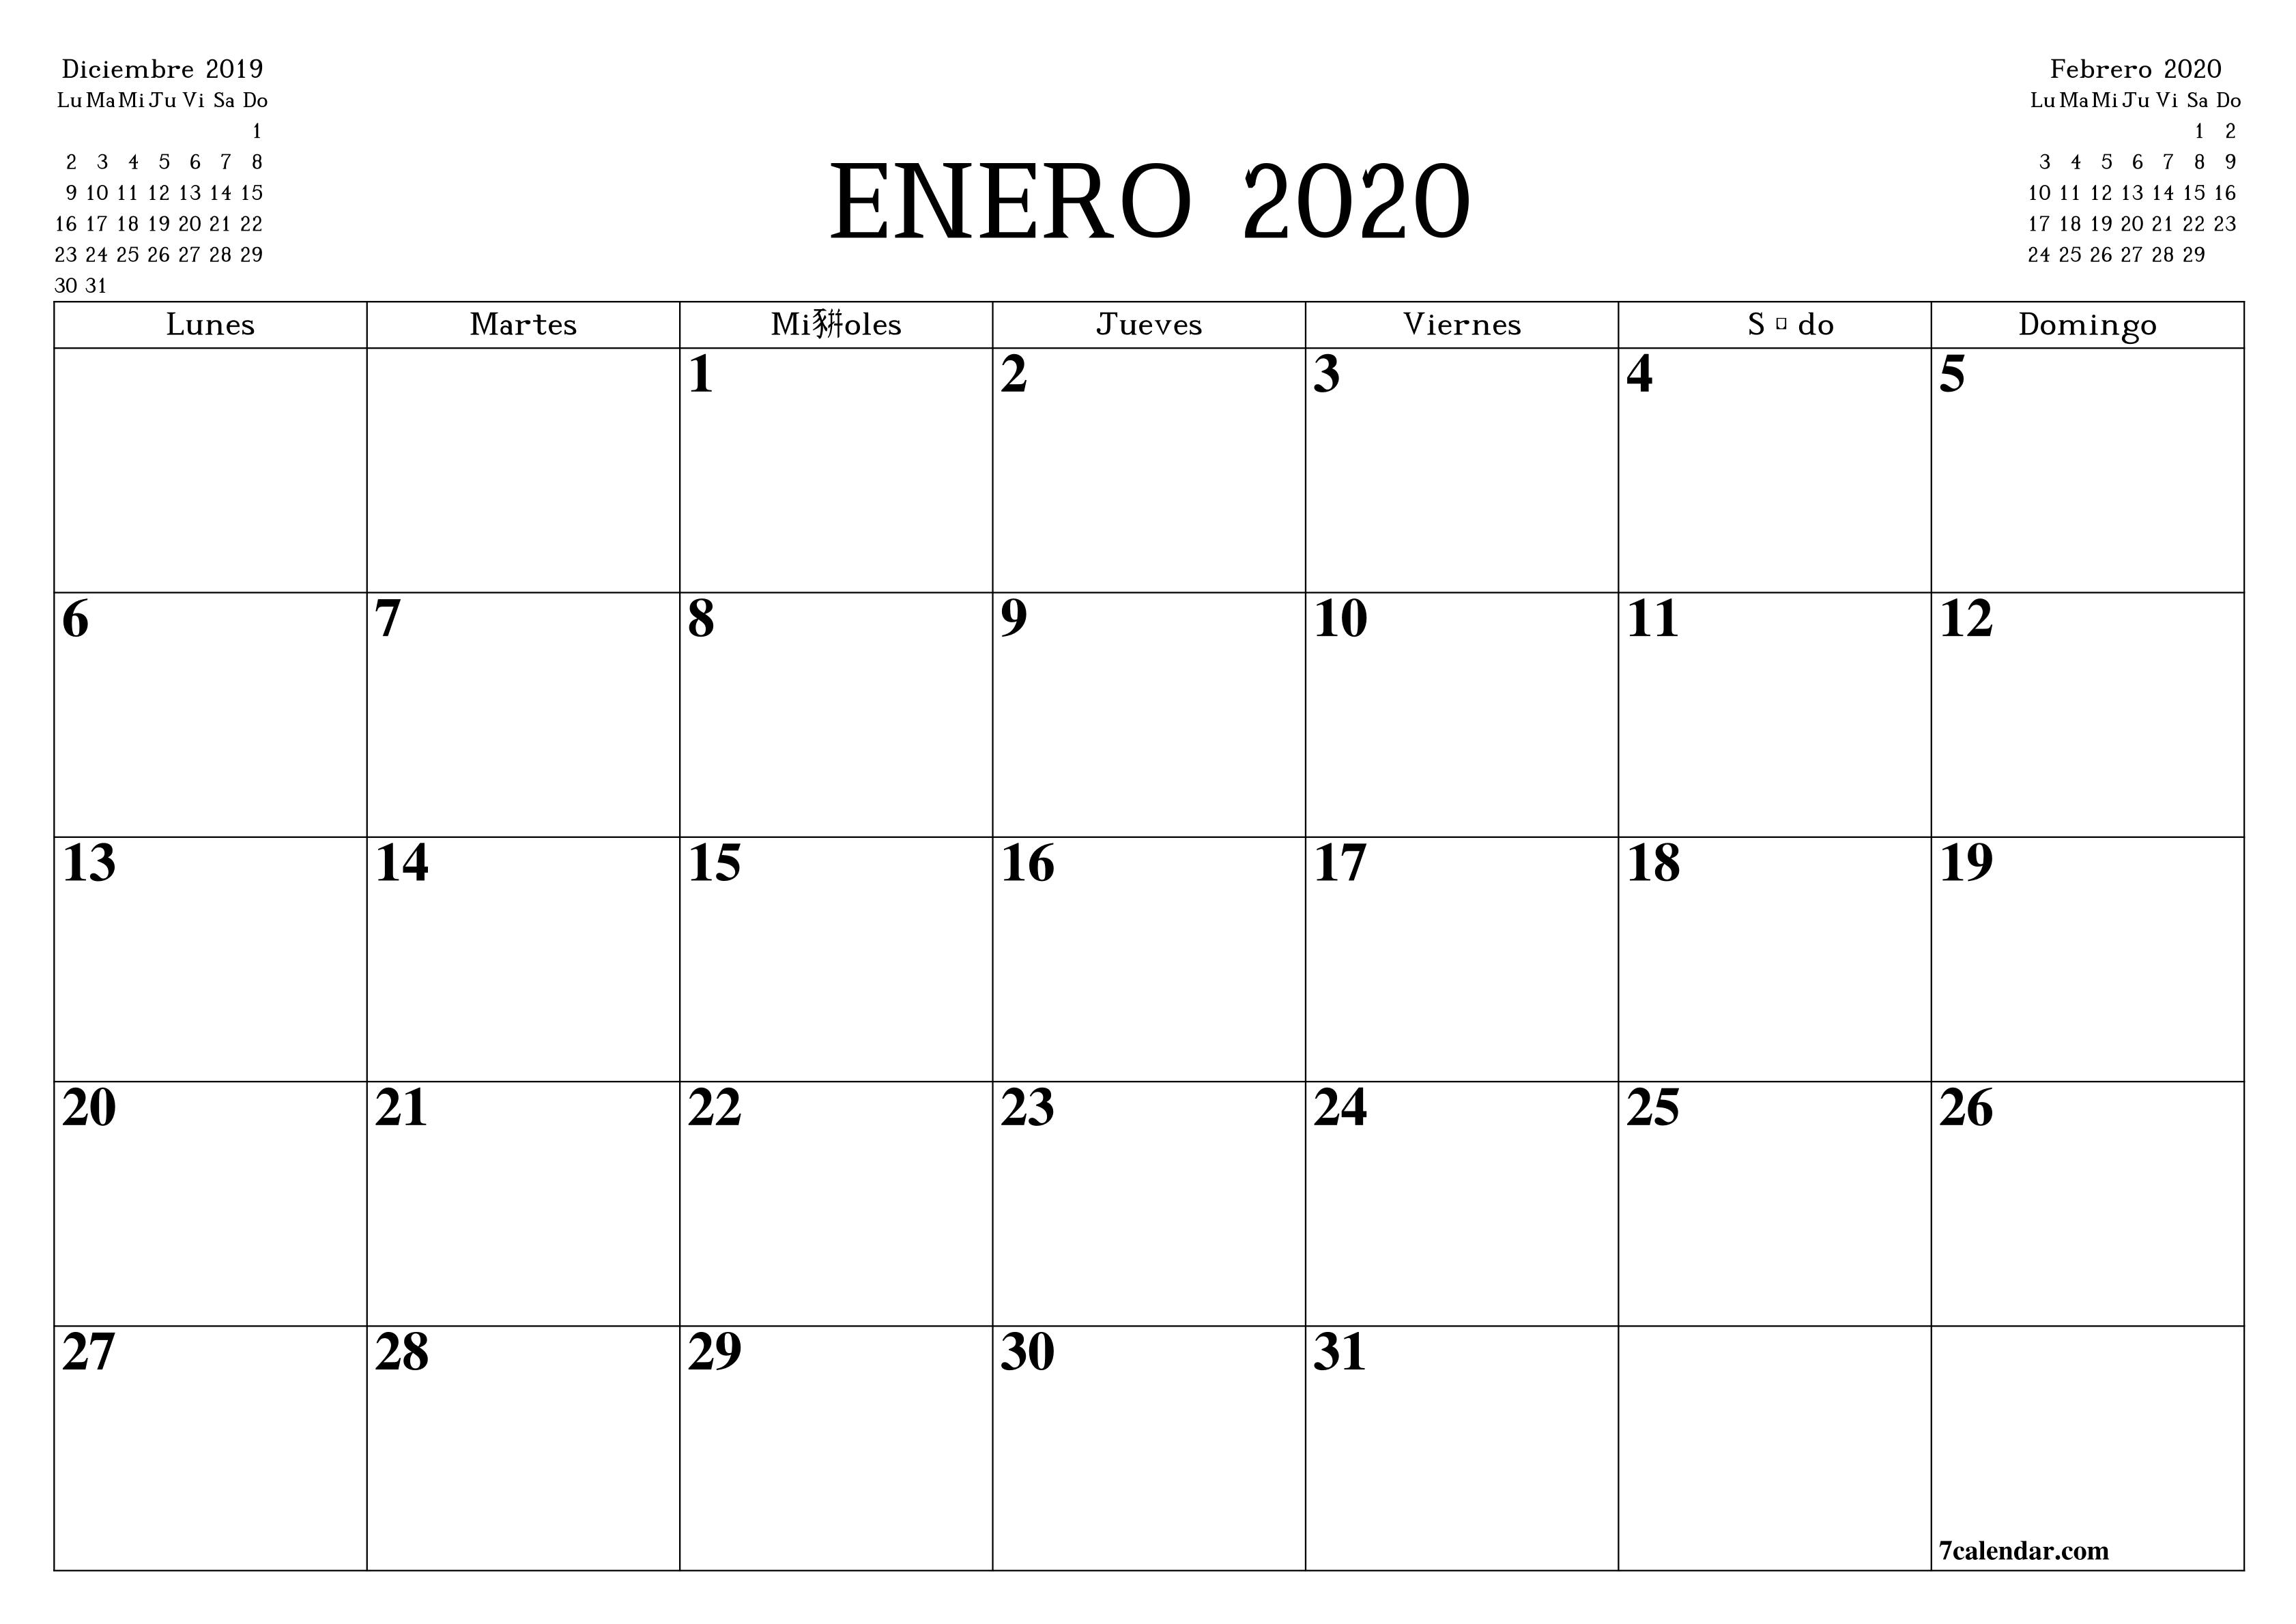 Calendario Y Planificador Mensual En Blanco Para Imprimir  Calendario 2020 Mensual Para Imprimir Gratis Febrero